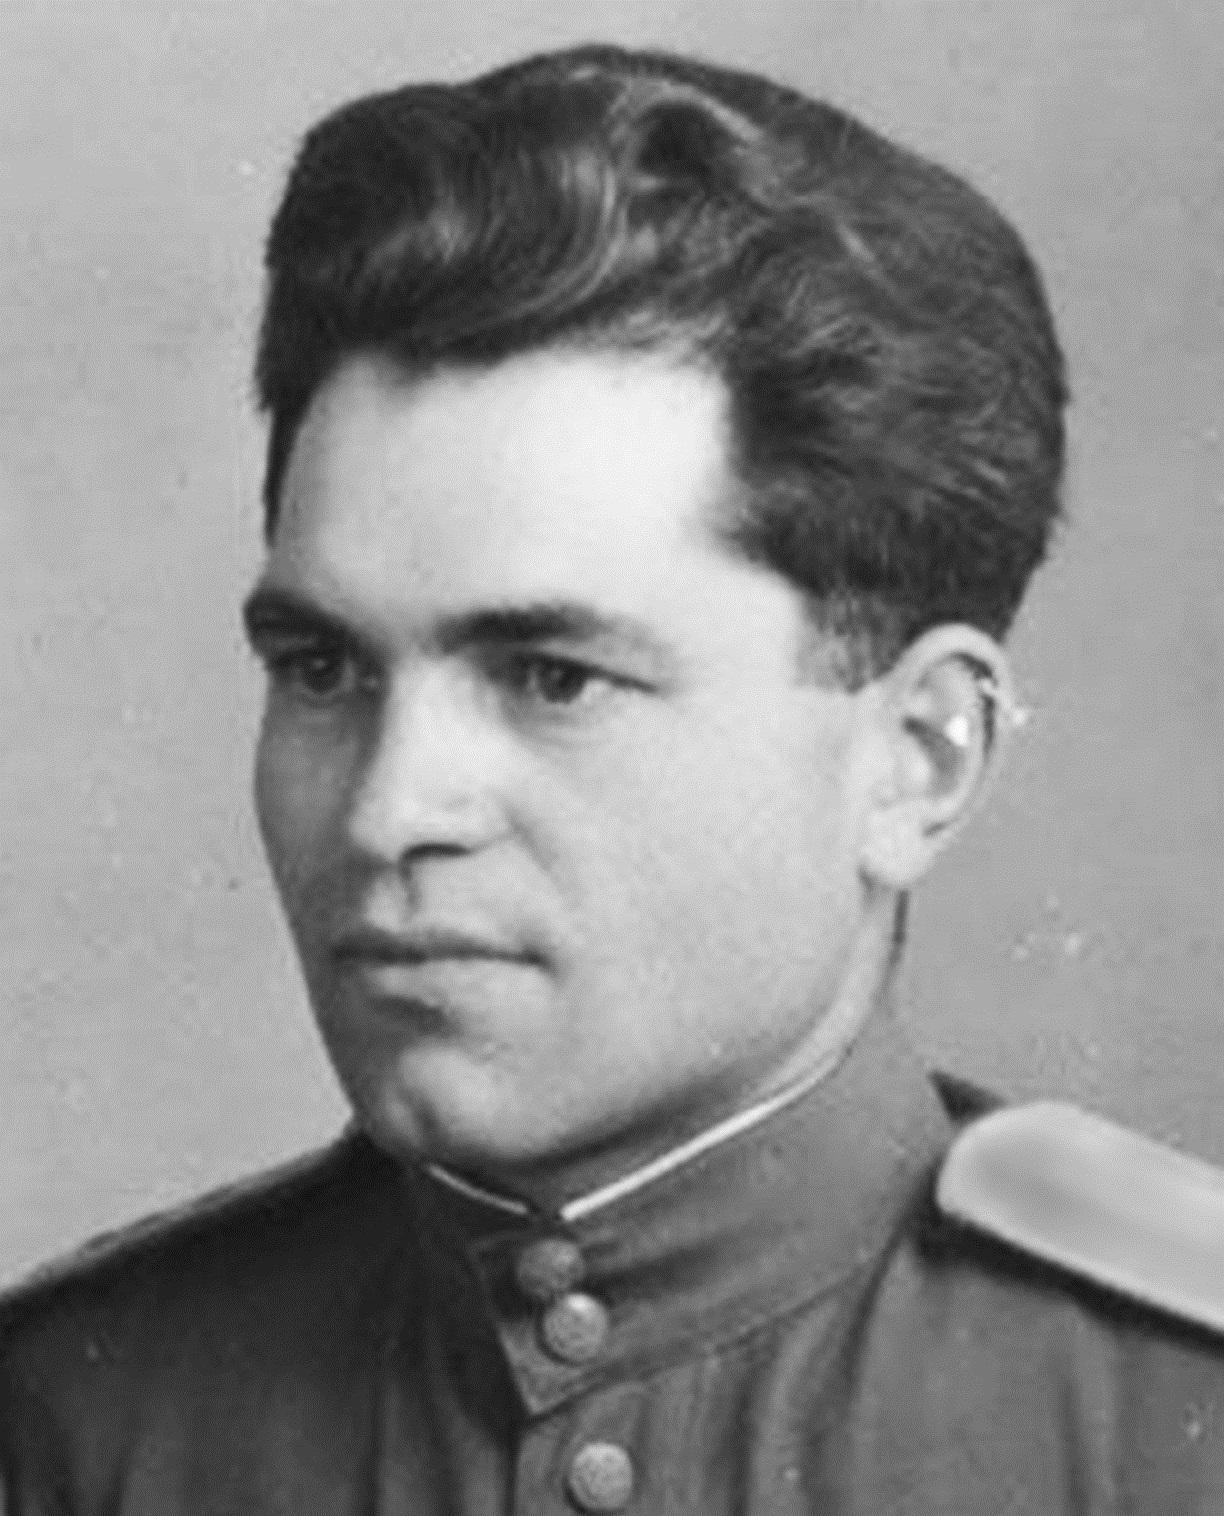 Portret van een onbekende Armeense soldaat. Een foto van Jork Mikinjan is niet beschikbaar. (Bron: Museumhaven Zeeland)